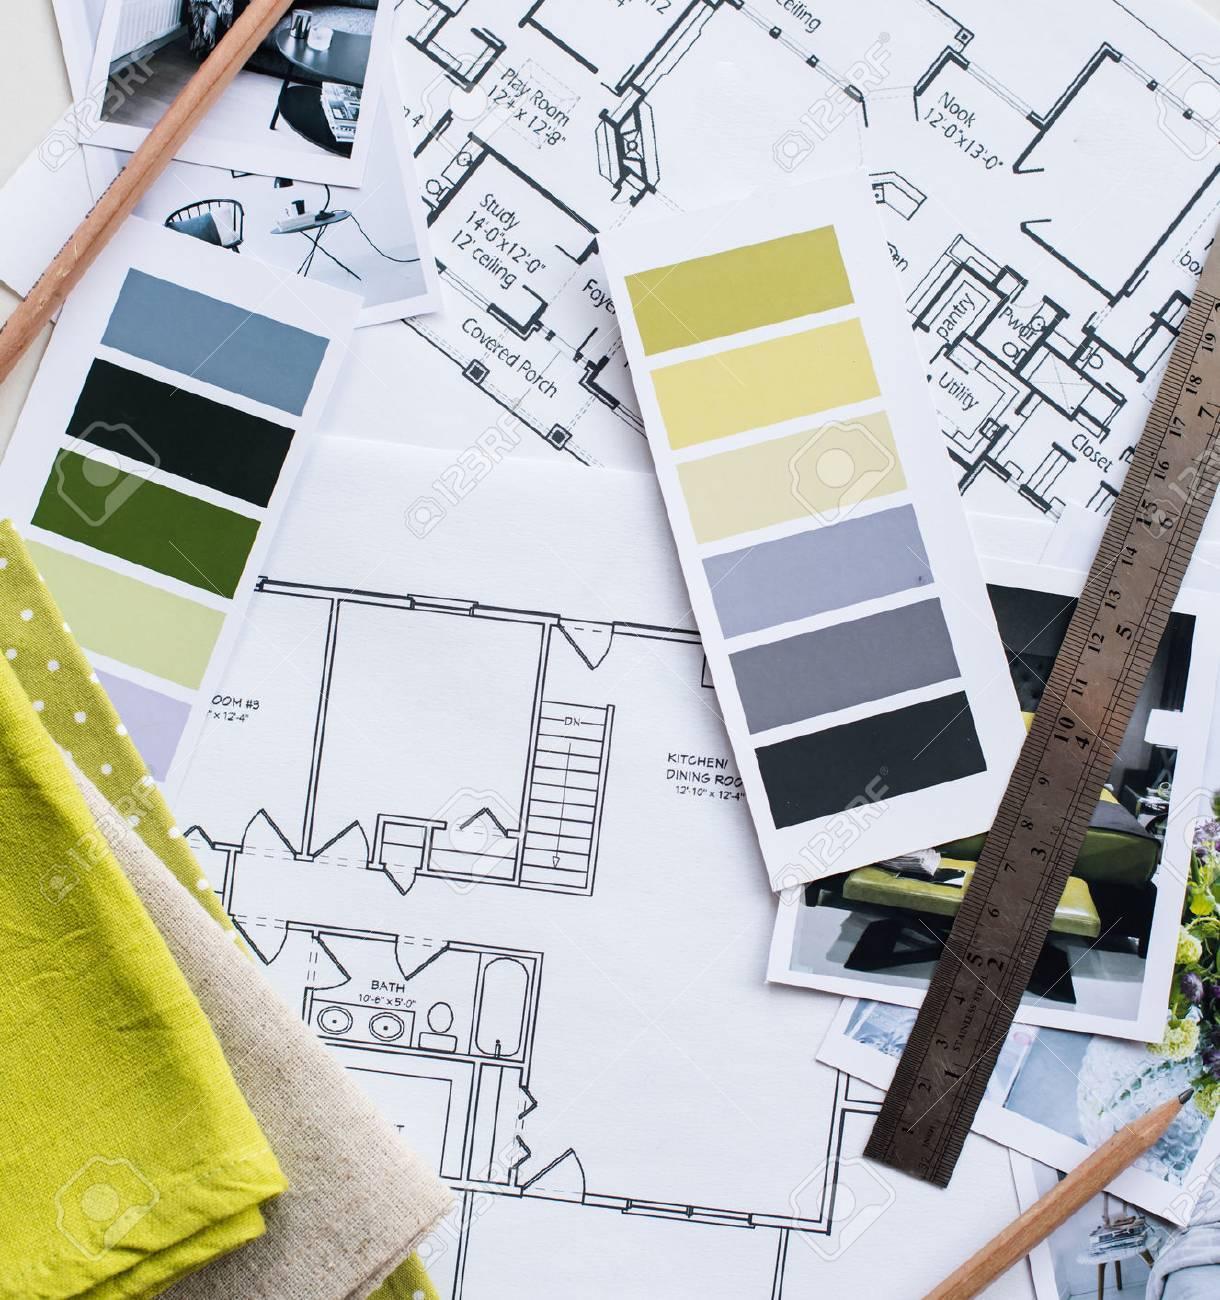 Arbeitstisch Innenarchitekt, Ein Architekturplan Des Hauses, Eine  Farbpalette, Möbel Und Stoffmuster In Gelb